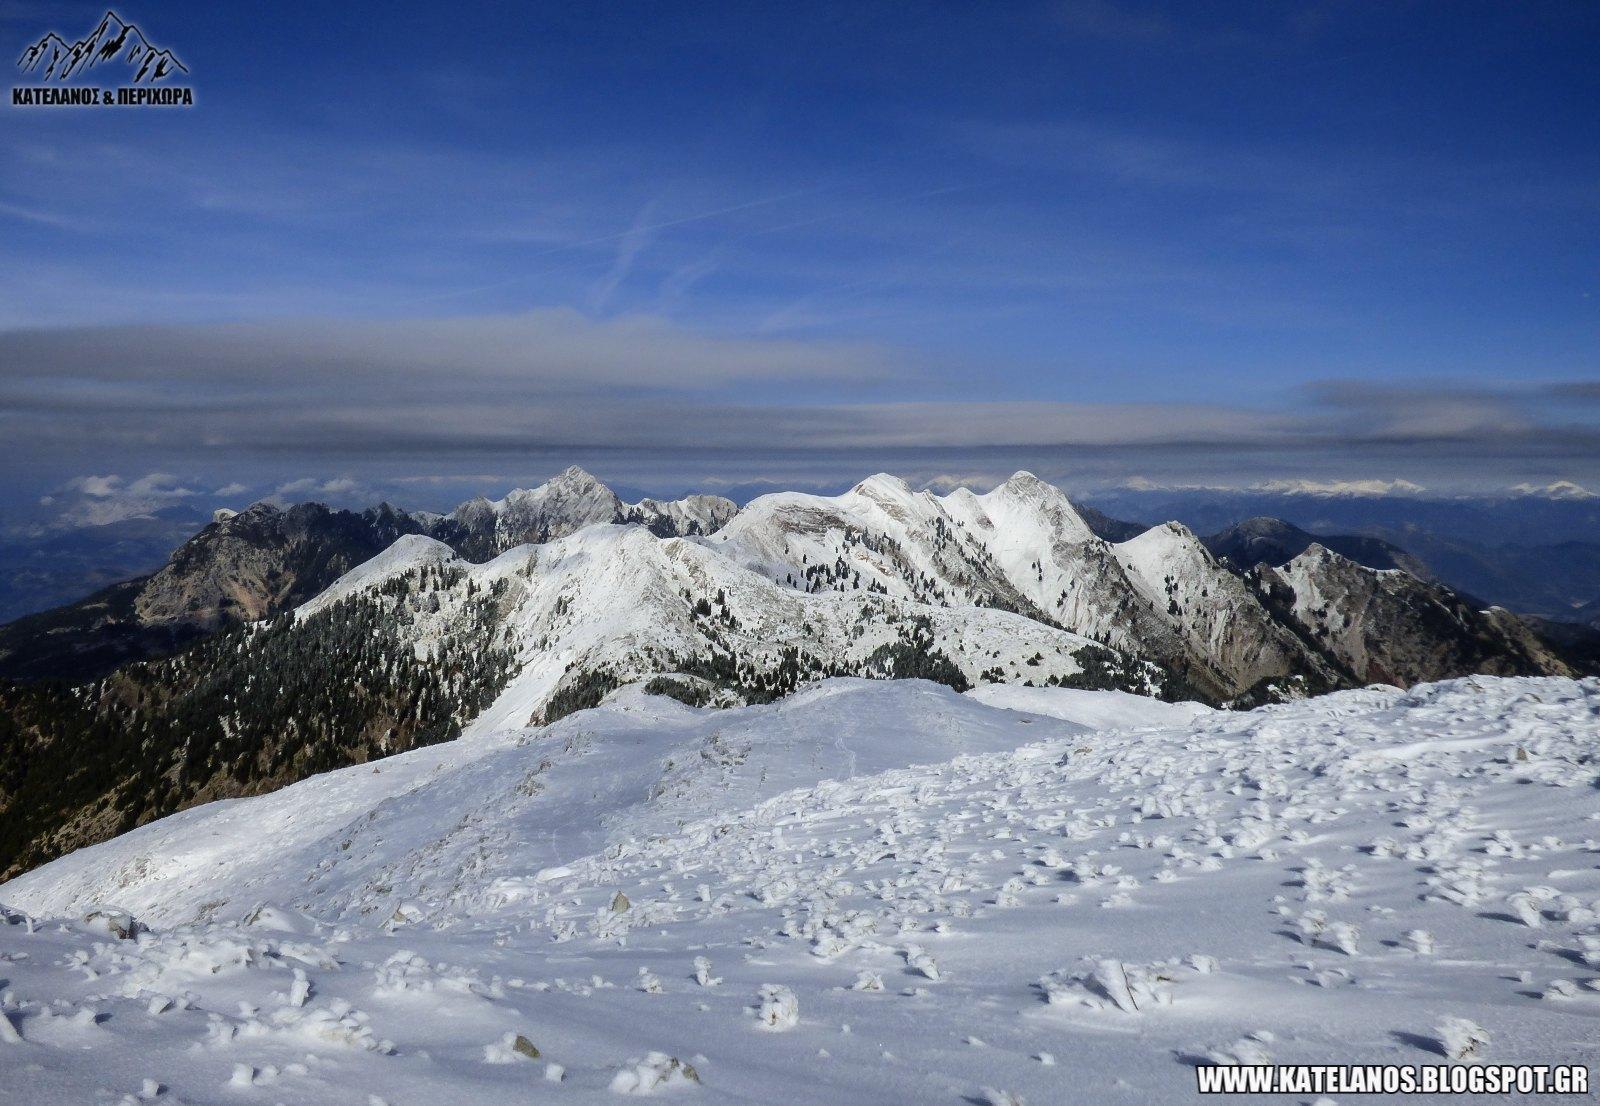 παναιτωλικο ορος βουνα αιτωλοακαρνανιας